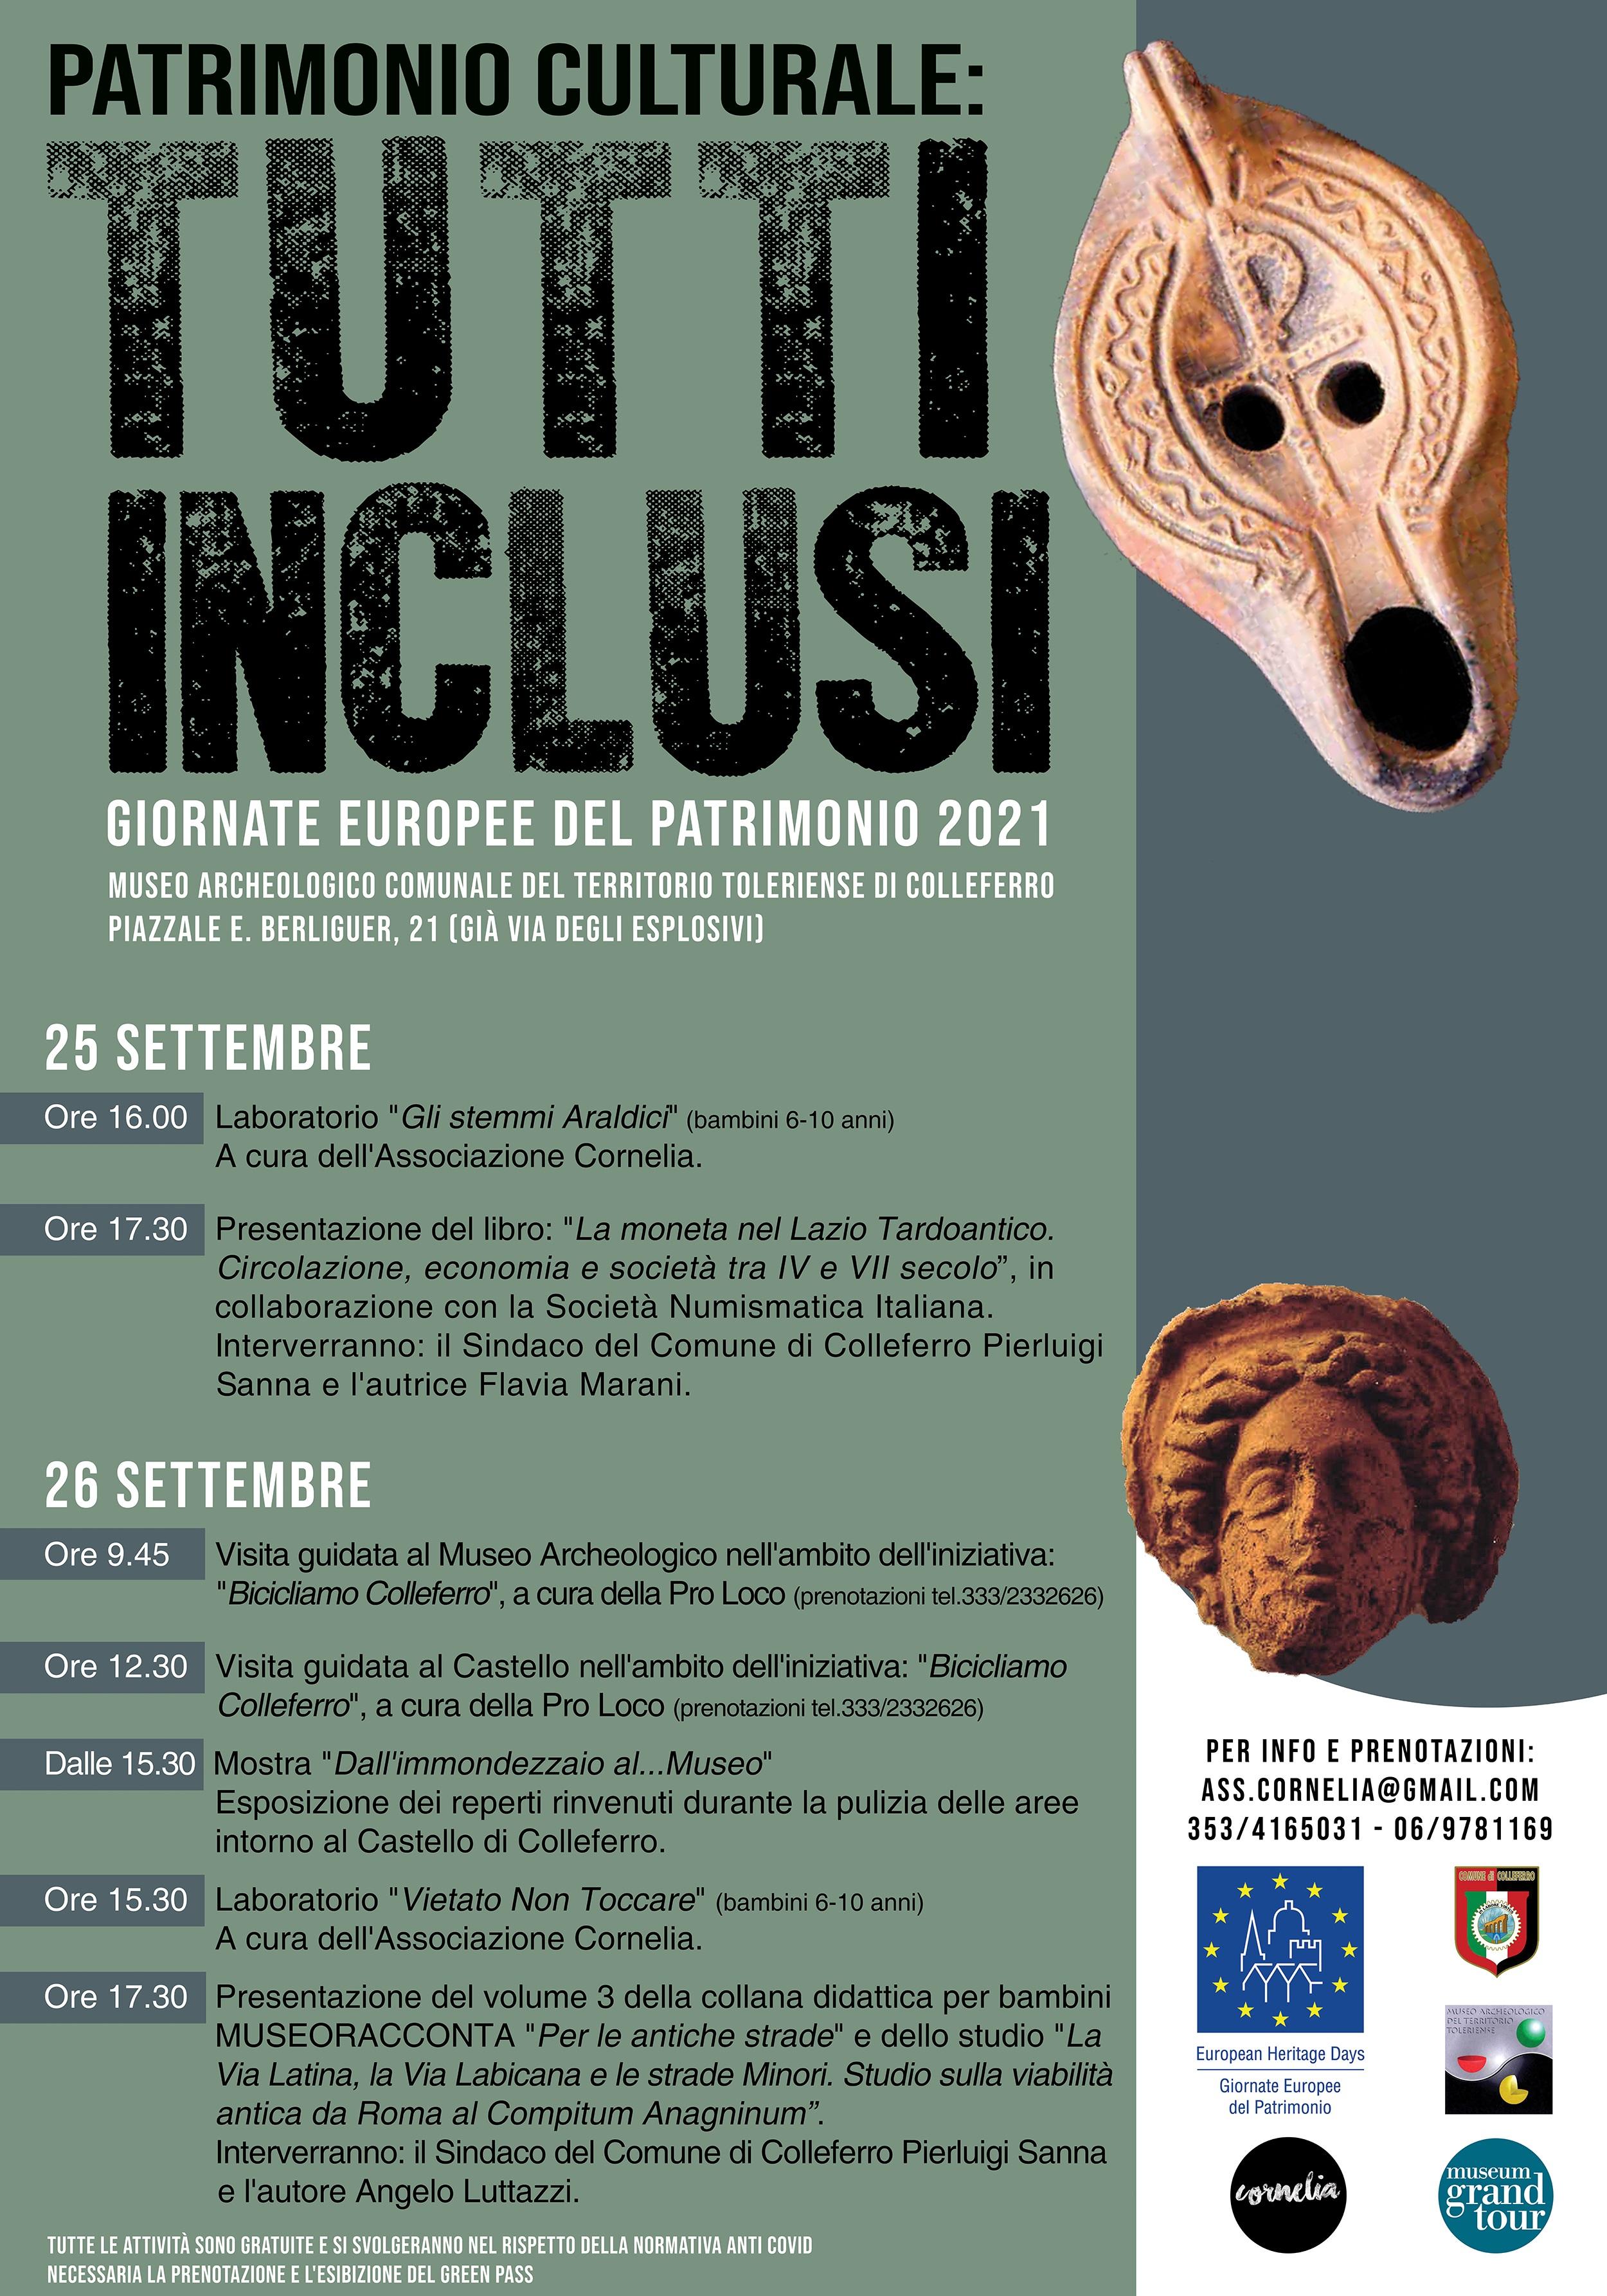 Colleferro: Giornate Europee del Patrimonio 2021 @ Colleferro